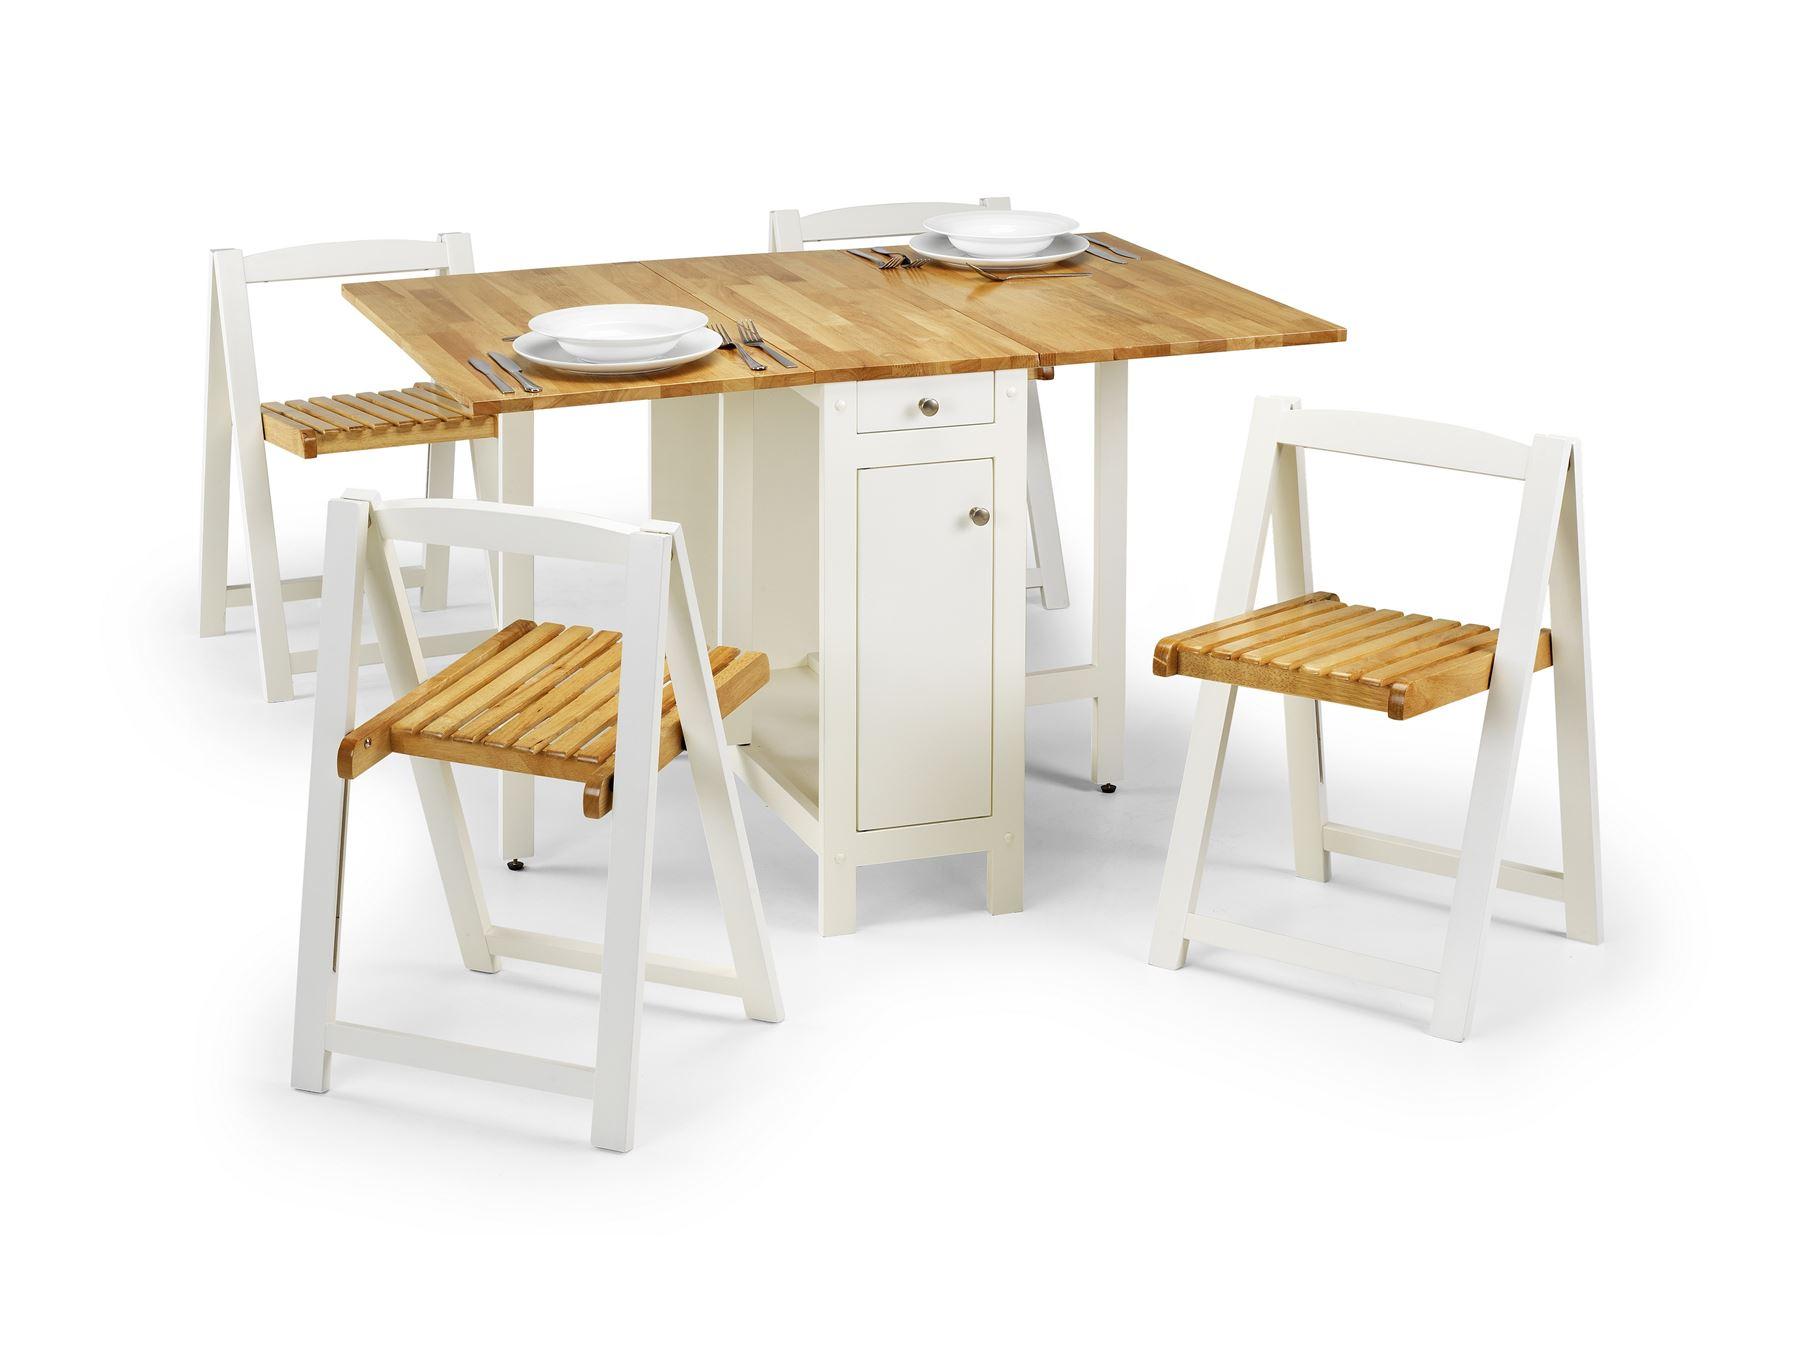 Julian Bowen Savoy Space Saving Folding Butterfly Table 4 Chairs White Oak 5060354912430 Ebay